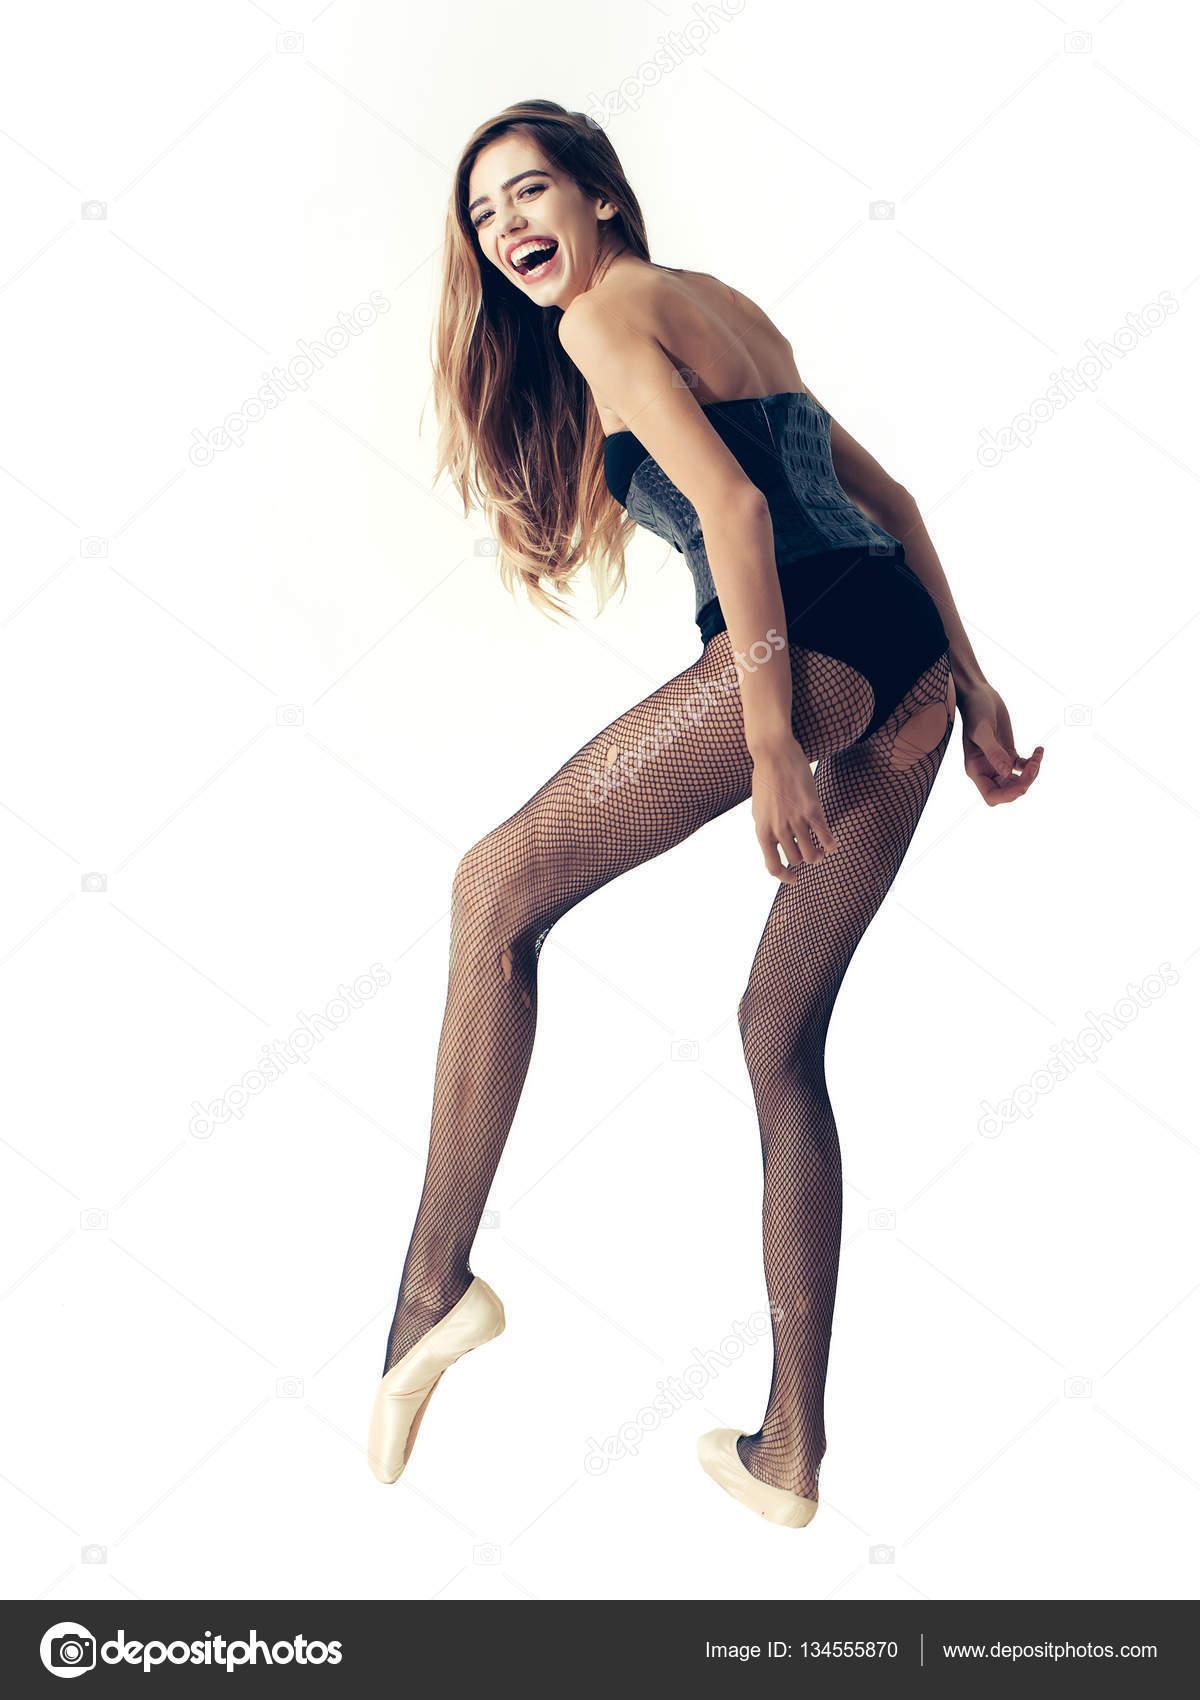 6de68e5980 Szép szexi lány táncos fiatal aranyos boldog nő balerina hosszú haj és a  lábak fekete necc harisnya pointe cipők és a divatos bőr combidress vagy a  test ...